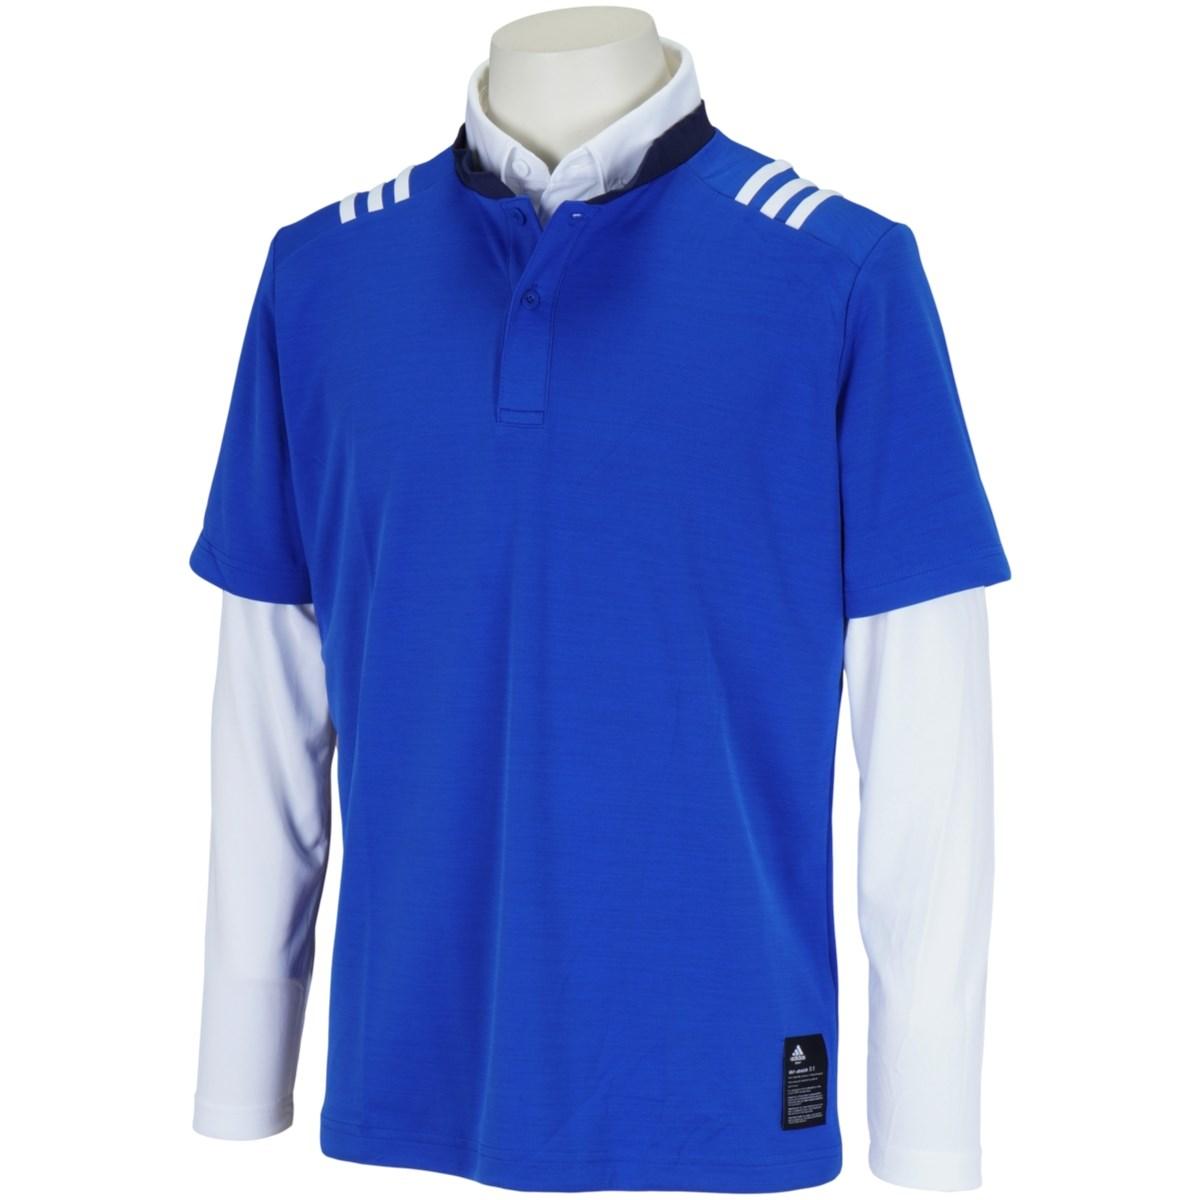 アディダス Adidas スリーストライプス レイヤードストレッチ半袖スタンドカラーシャツ J/S チームロイヤルブルー/ホワイト